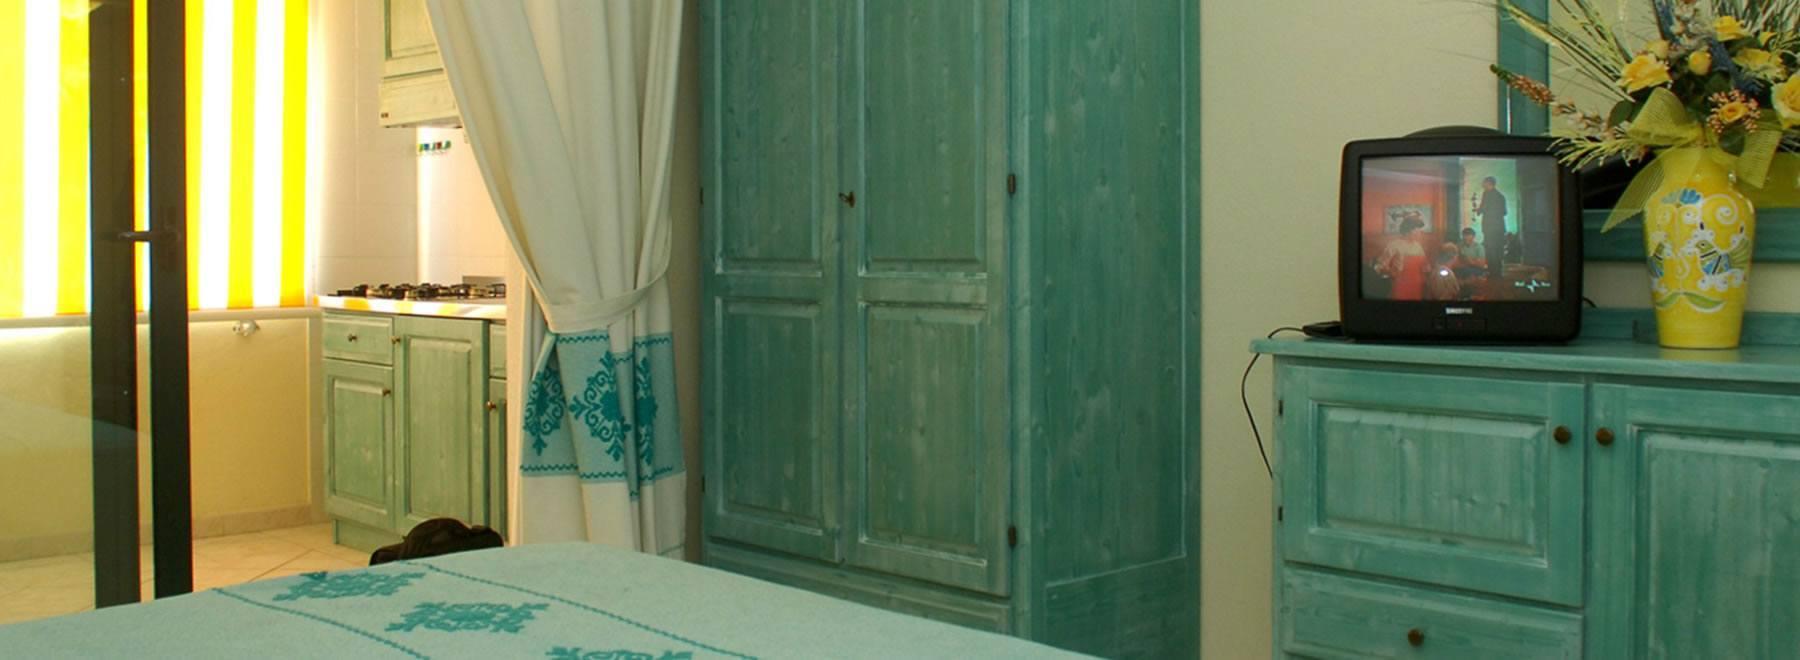 Monolocale 3 Persone Appartamenti  Sardegna